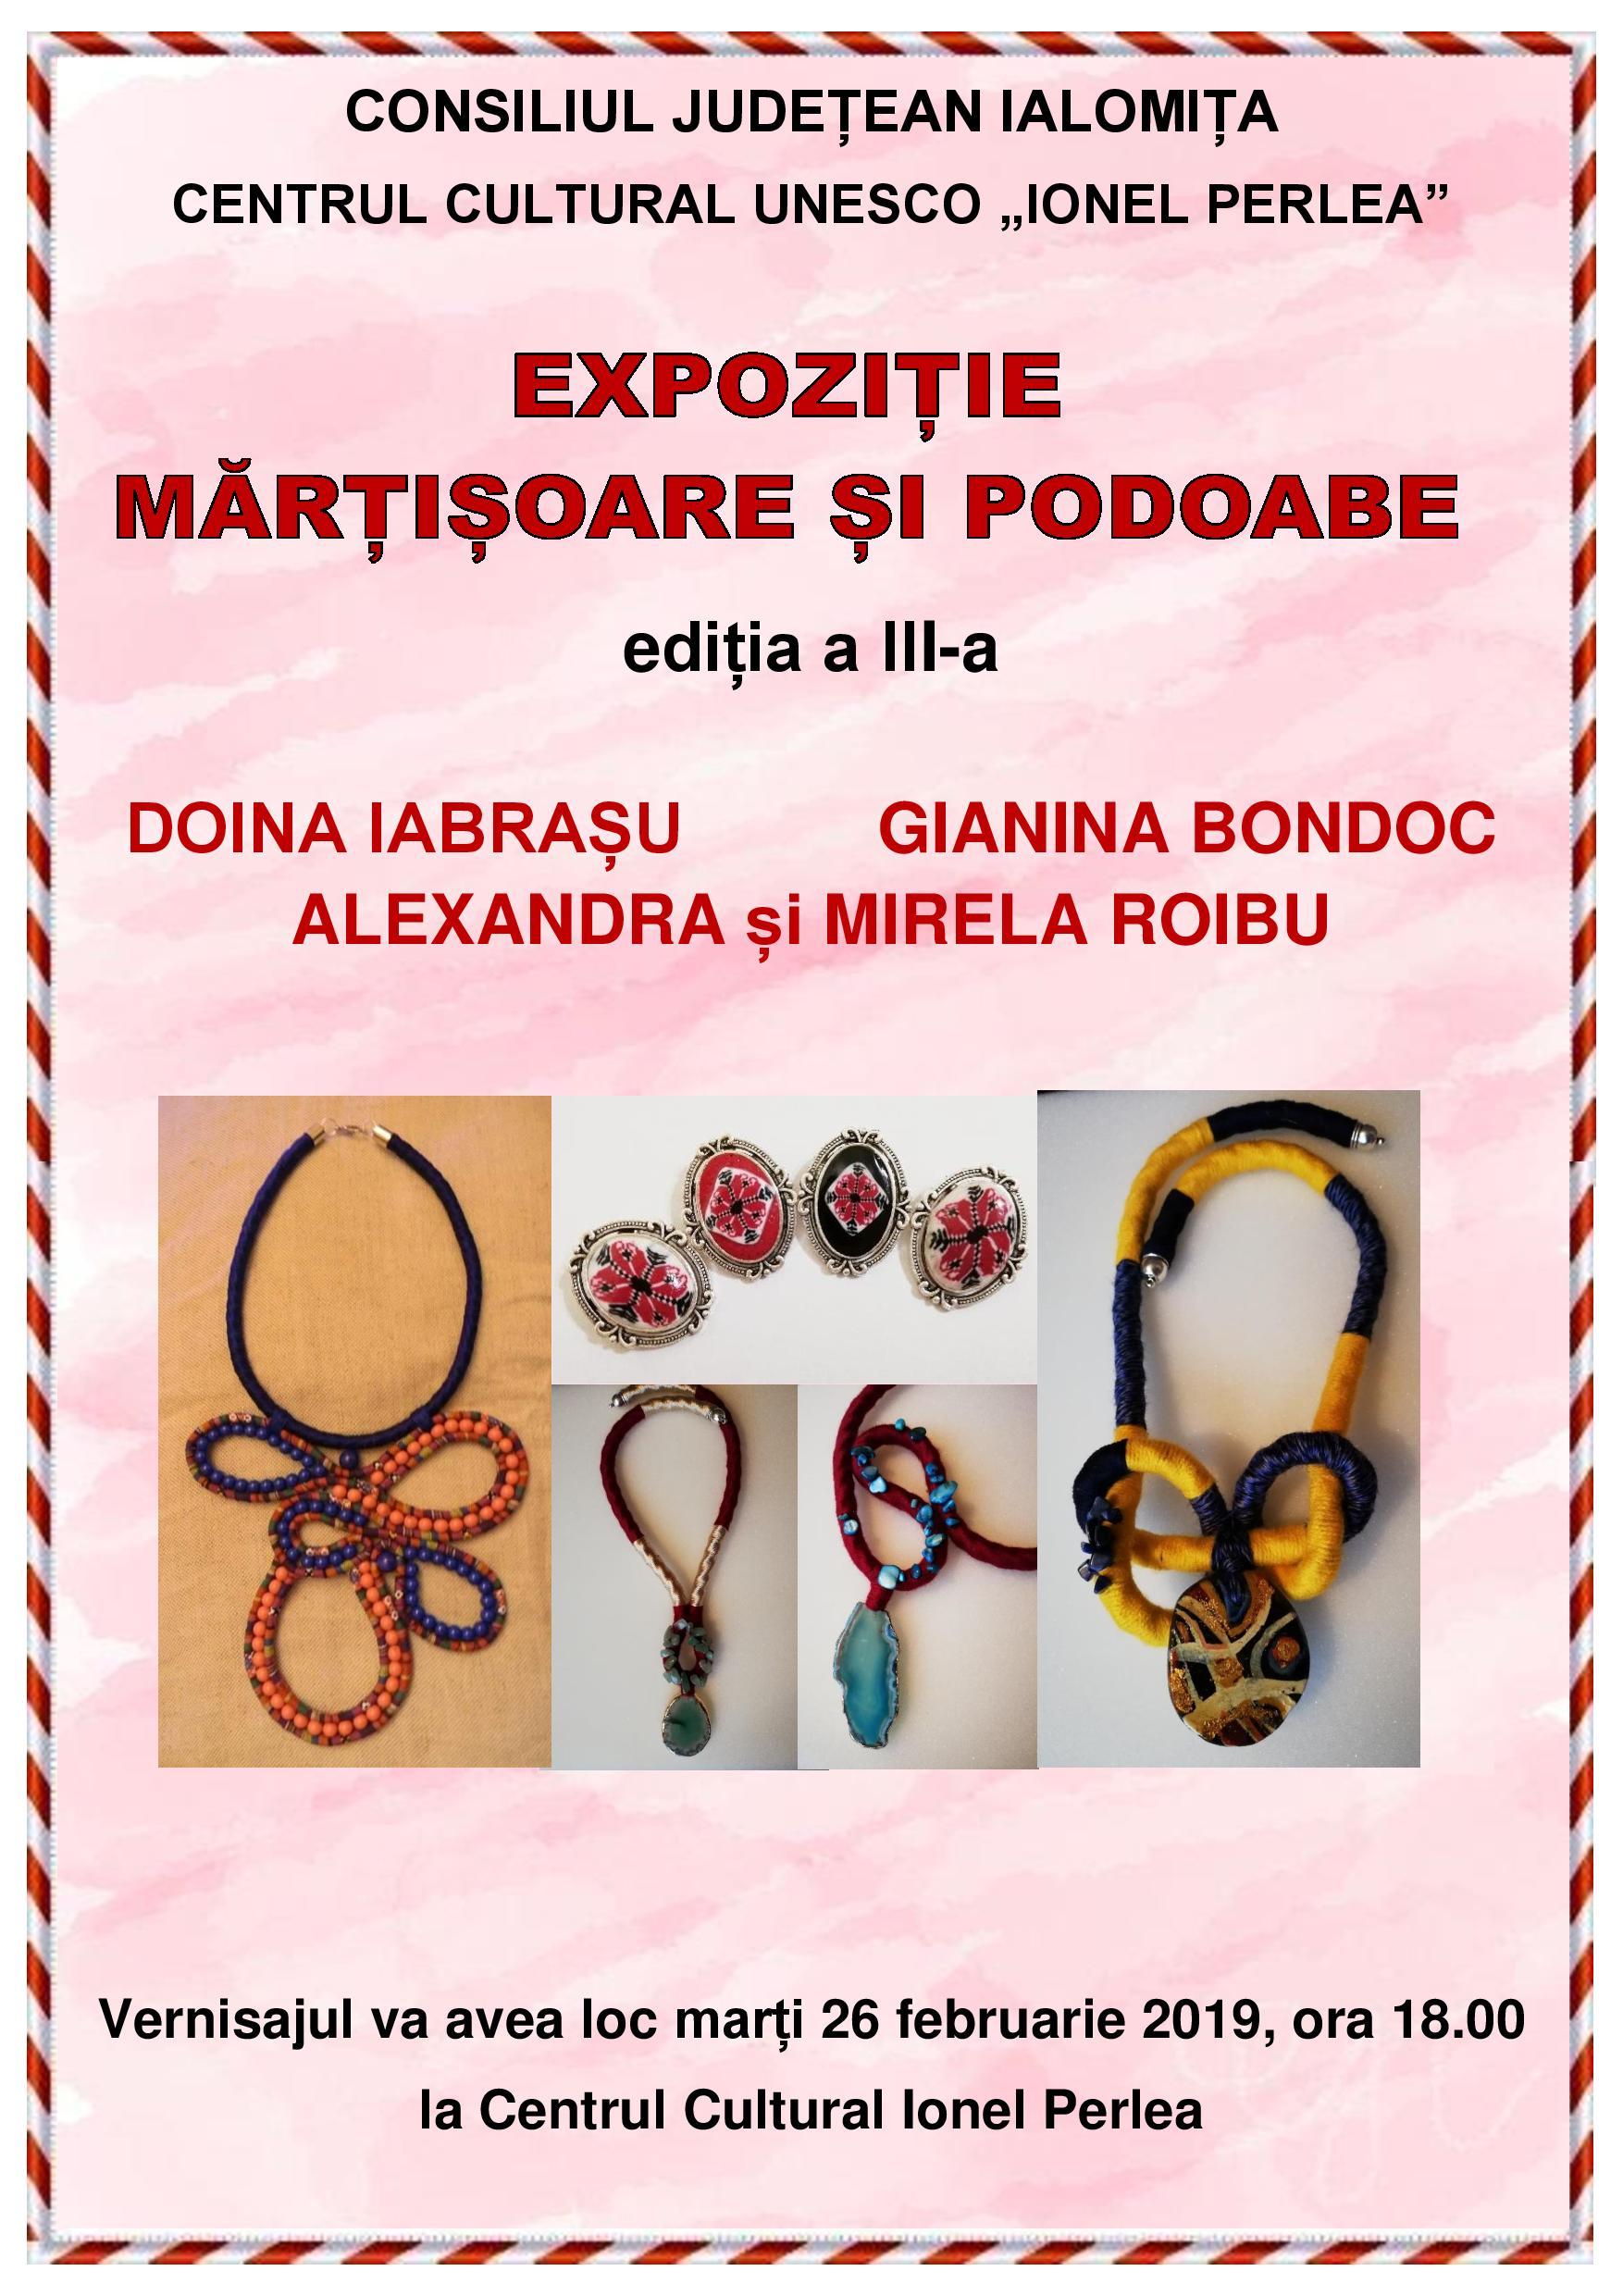 Expoziție mărțișoare și podoabe, ediția a III-a, 26 februarie 2019